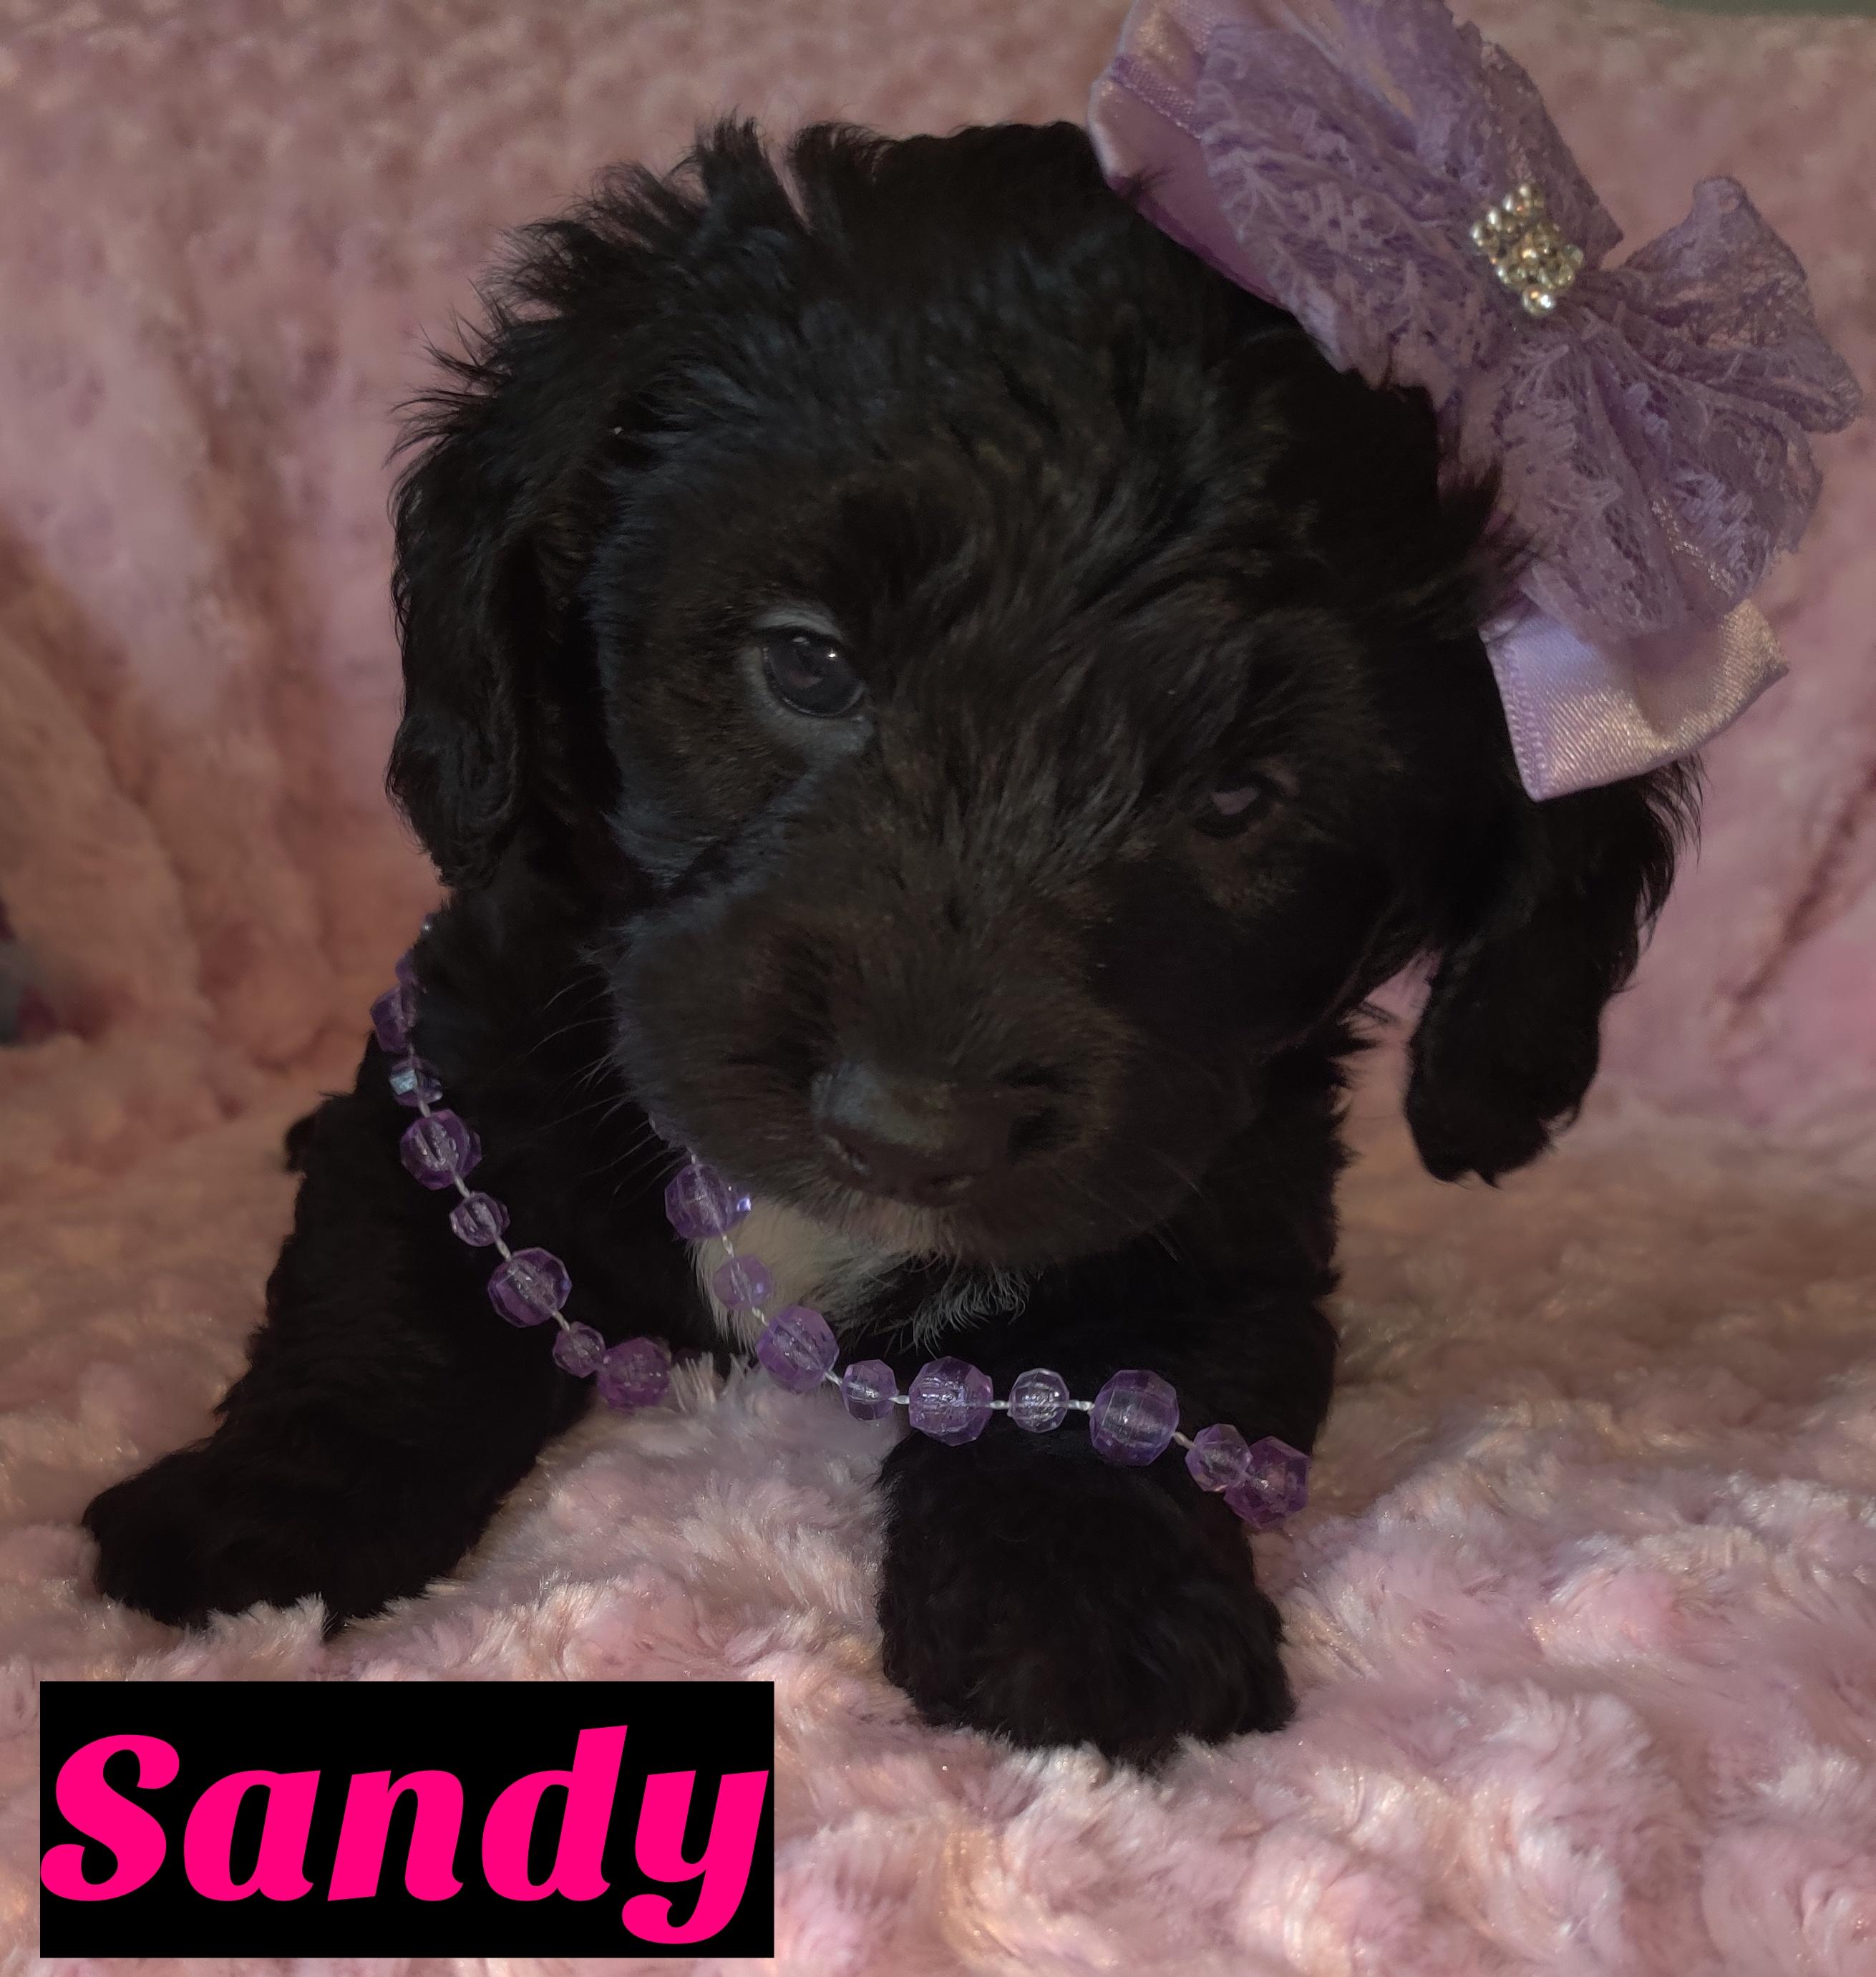 Sandy Female Puppy Mini Goldendoodle For Sale At Saint Cloud Florida